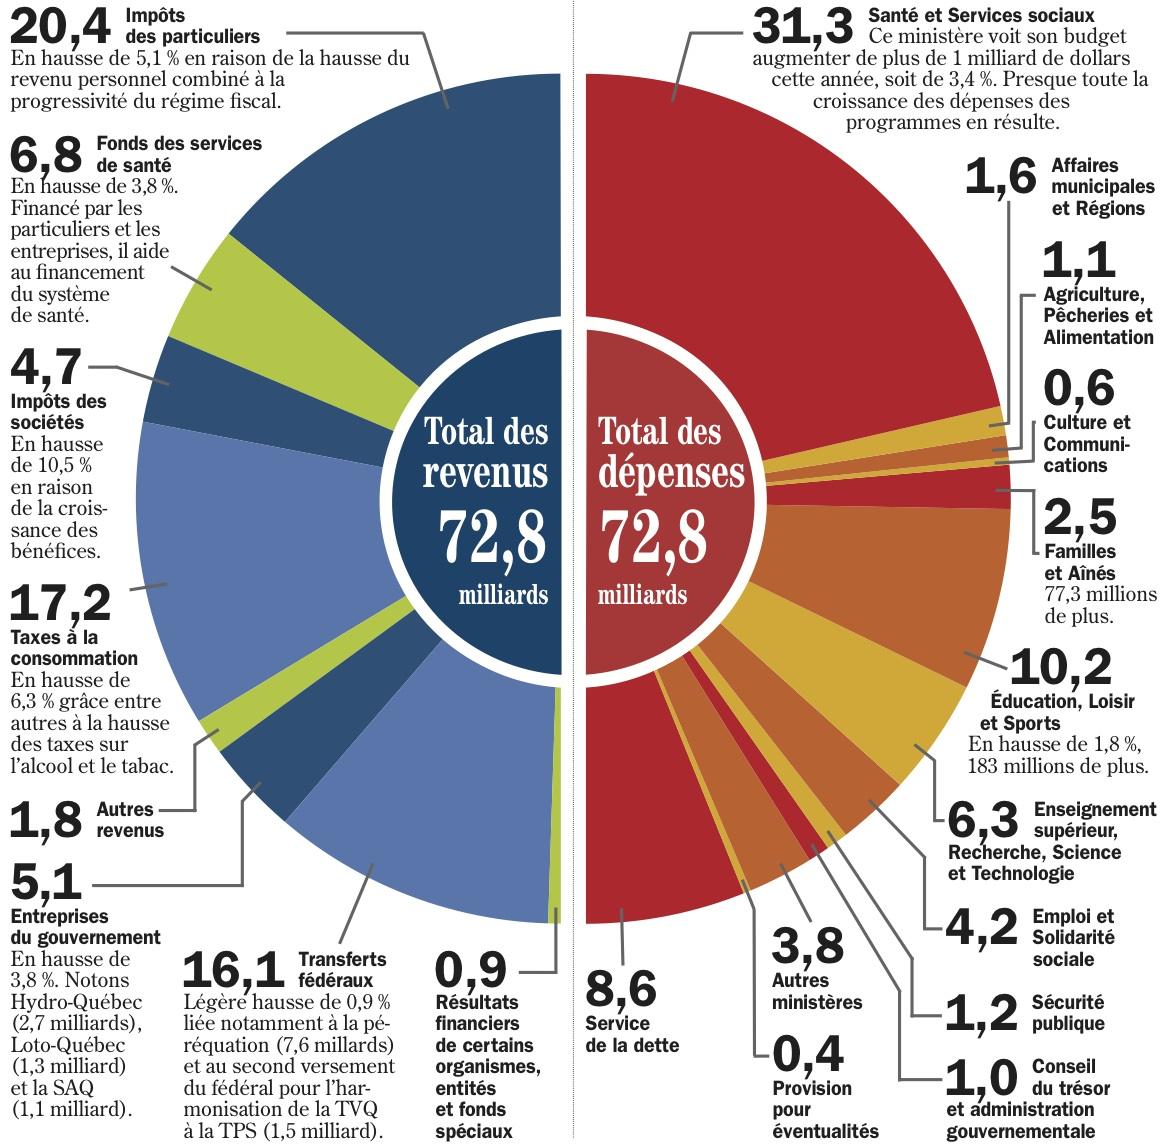 economie budget secteur education pour hausse rapport